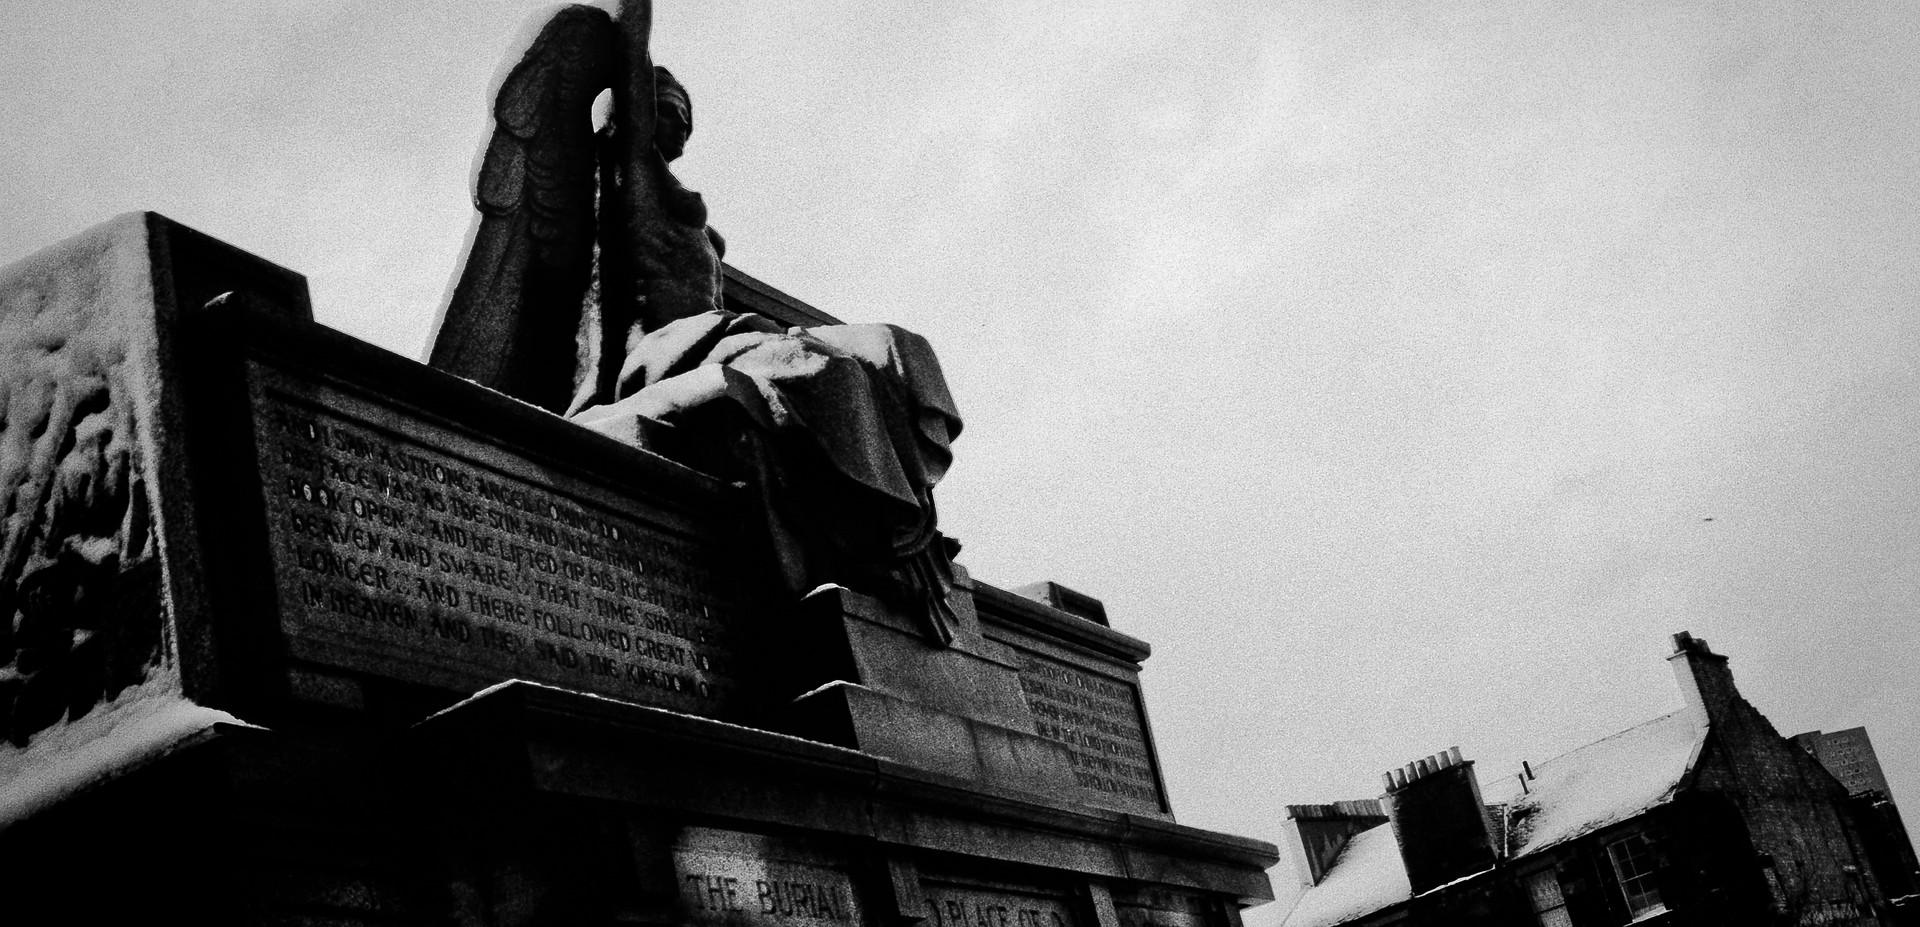 Necropolis_Glasgow, Scotland 1978